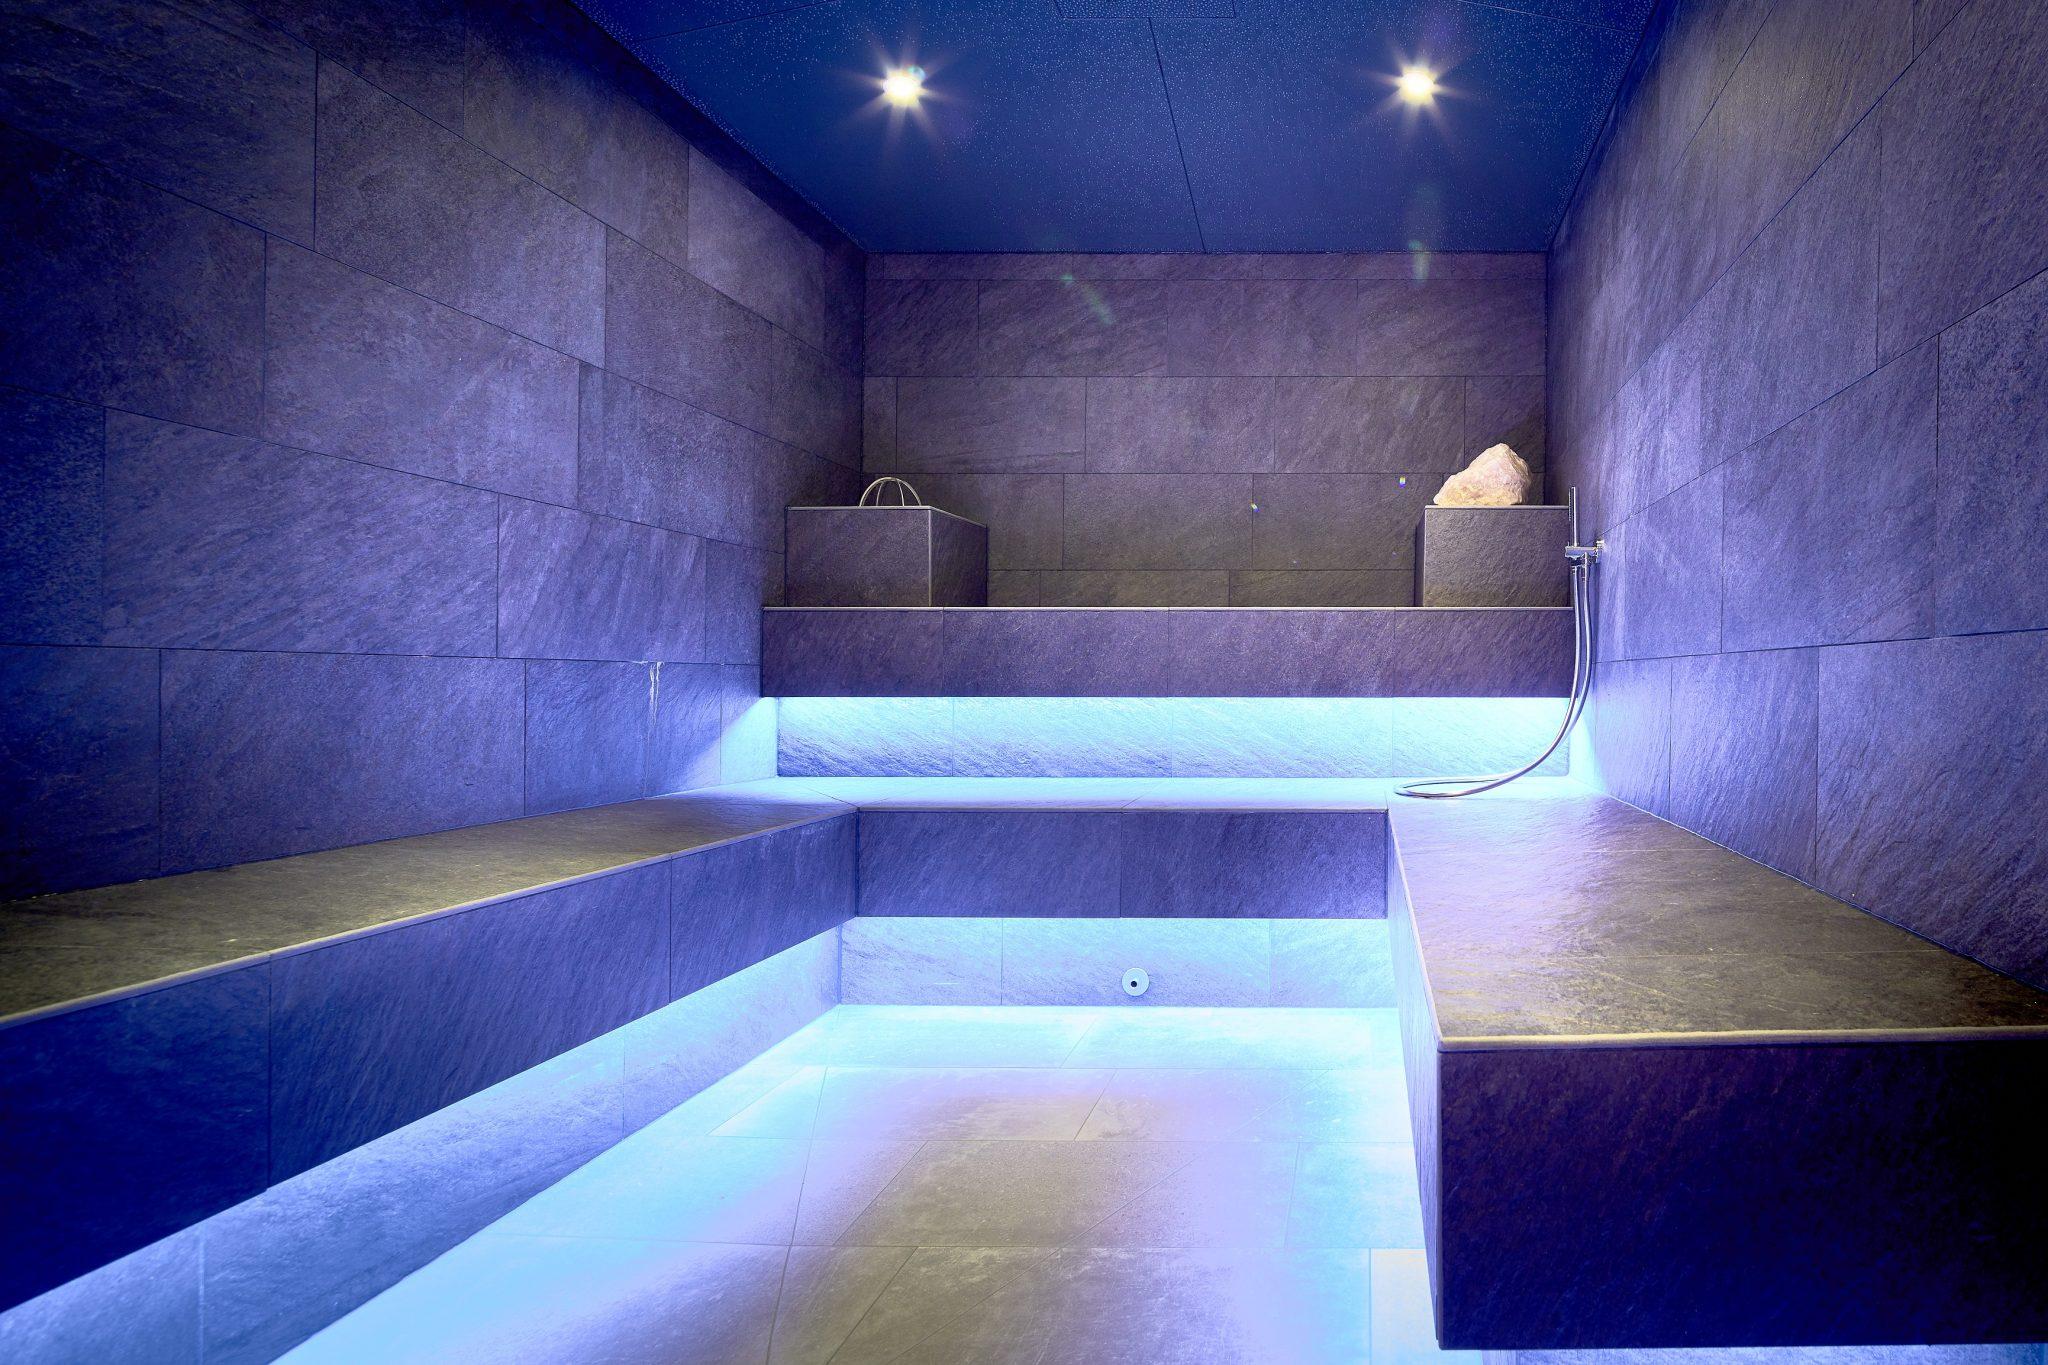 dampfgrotte_mit_entspannender_beleuchtung_c_mike_huber_das_adler_inn_-_tyrol_mountain_resort